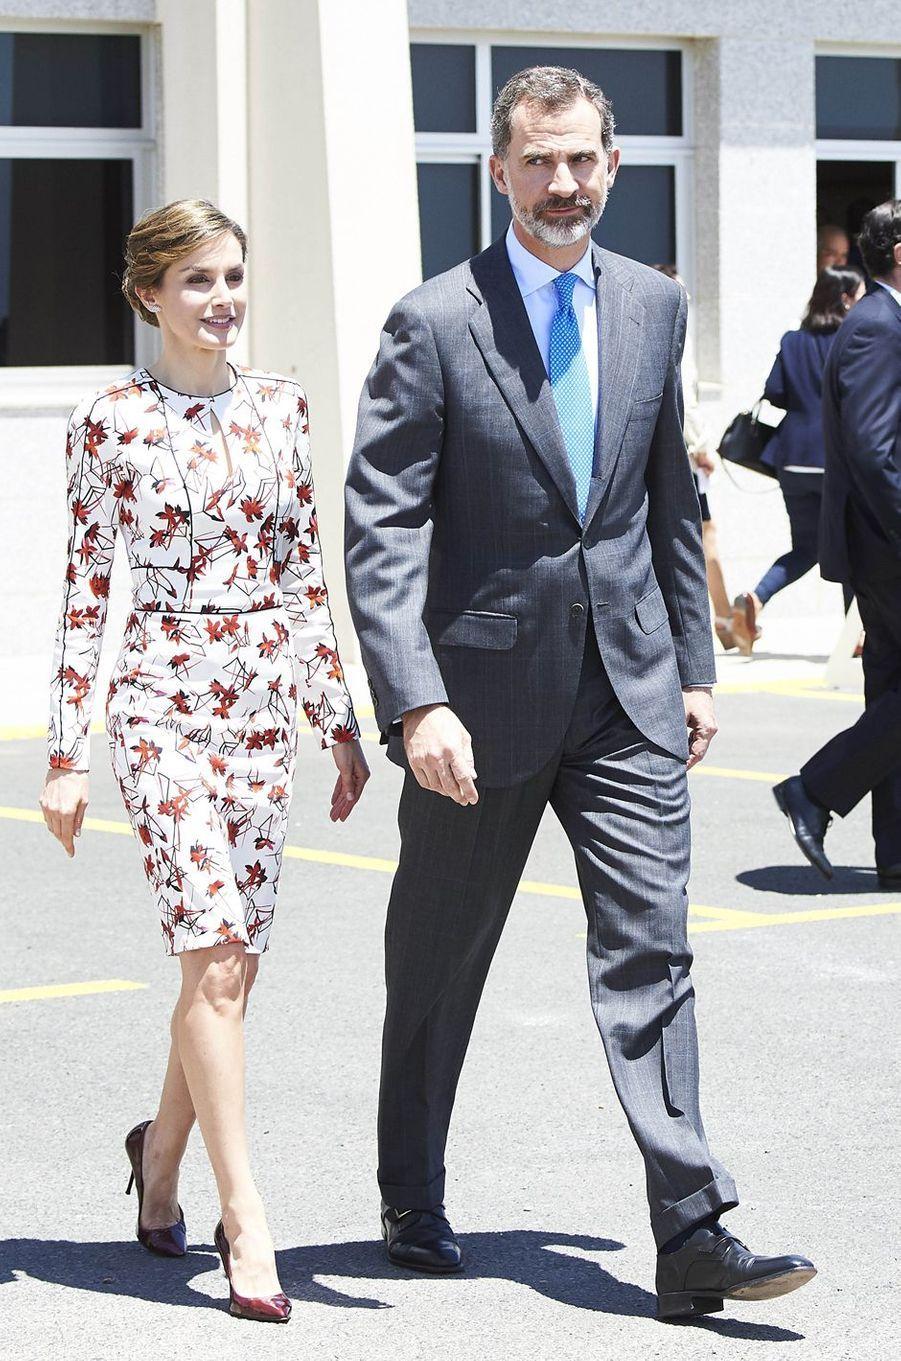 La reine Letizia et le roi Felipe VI d'Espagne sur l'île de Grande Canarie, le 24 avril 2017